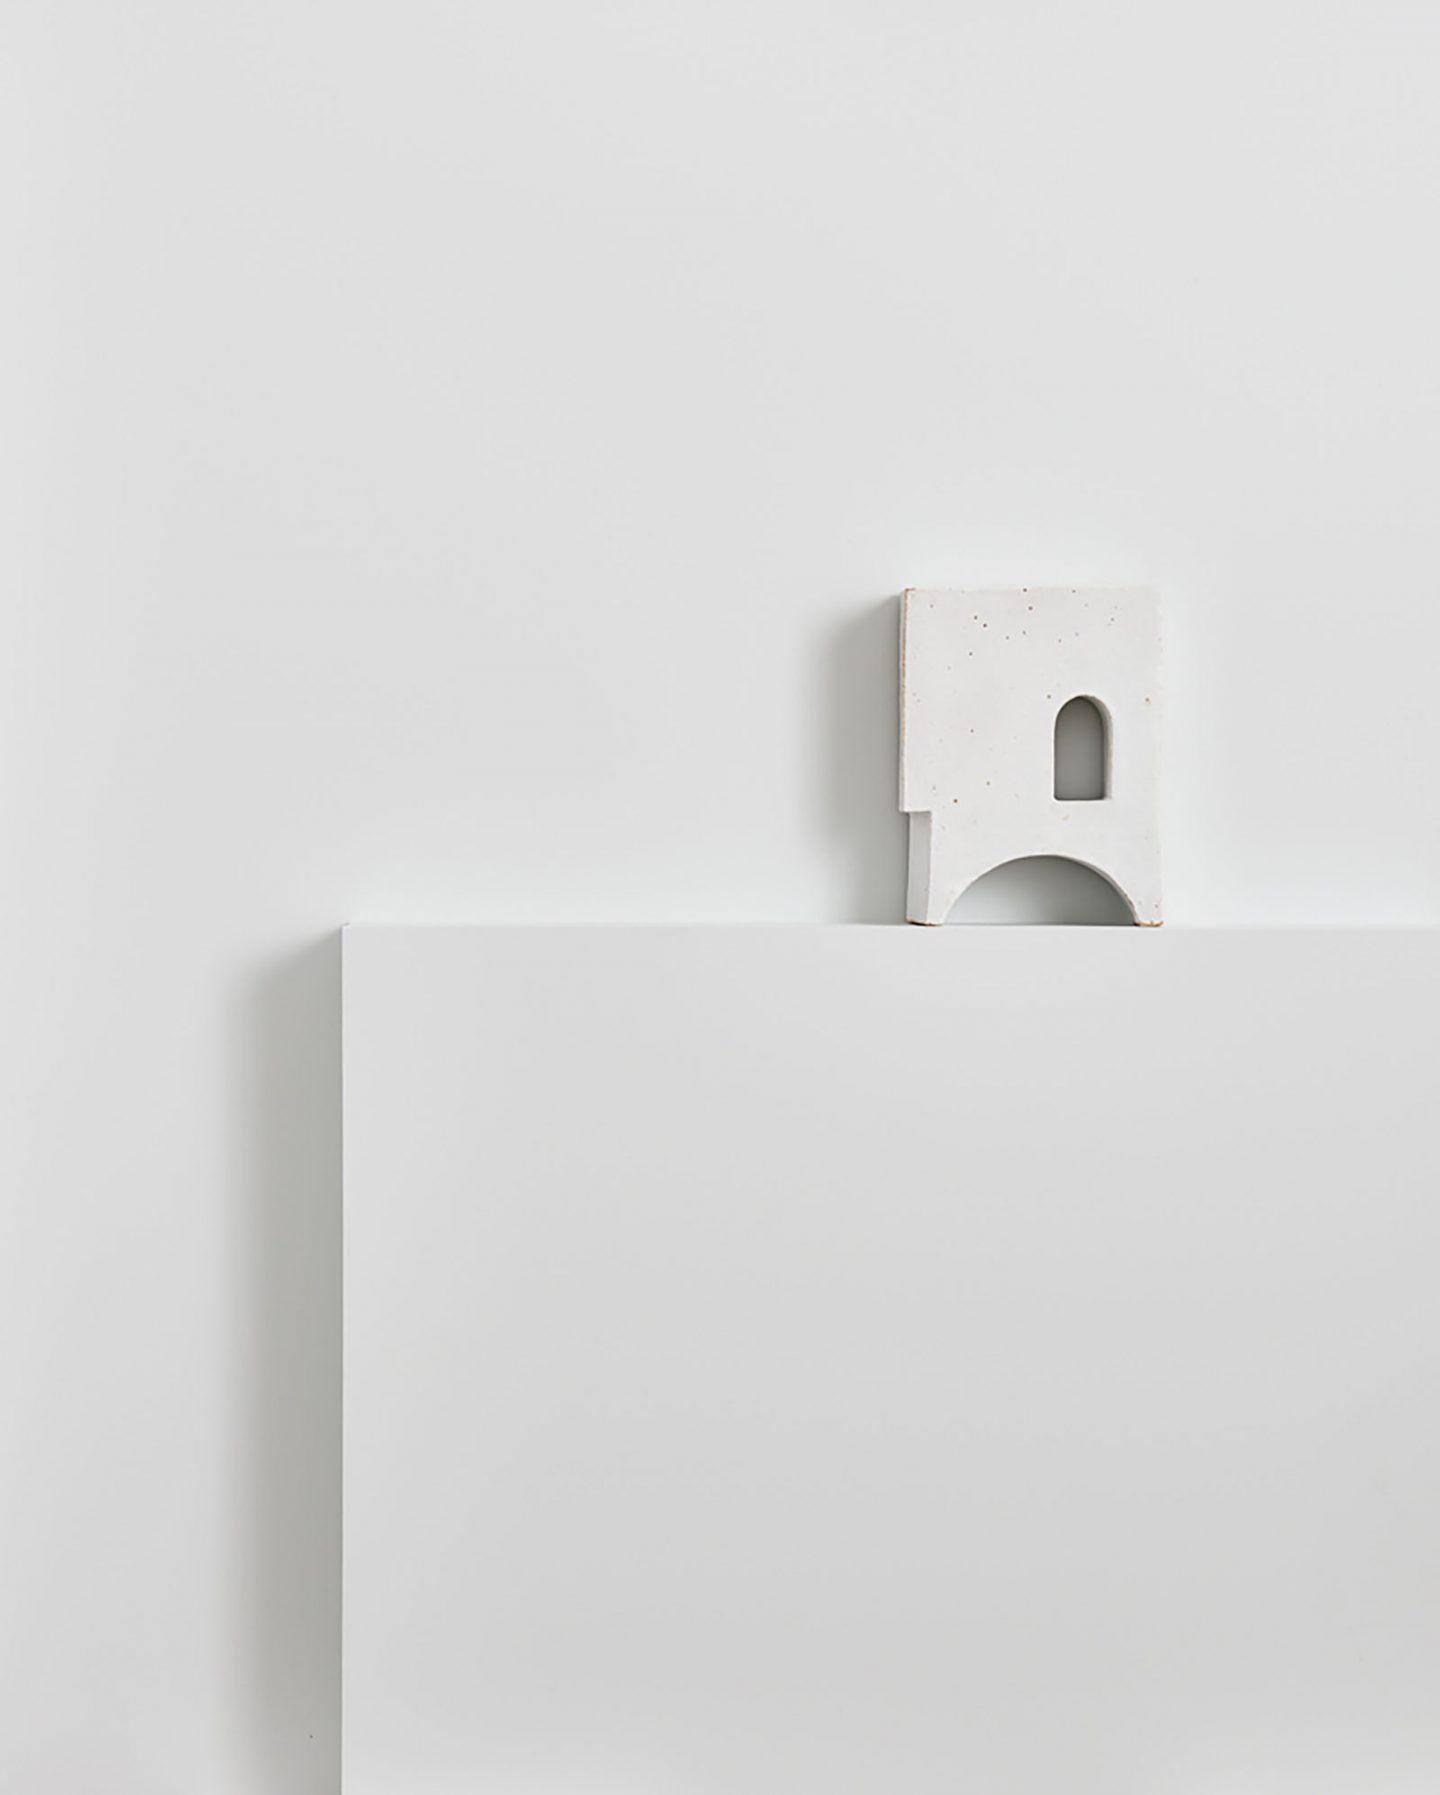 IGNANT-Design-Bruce-Rowe-Structures-08